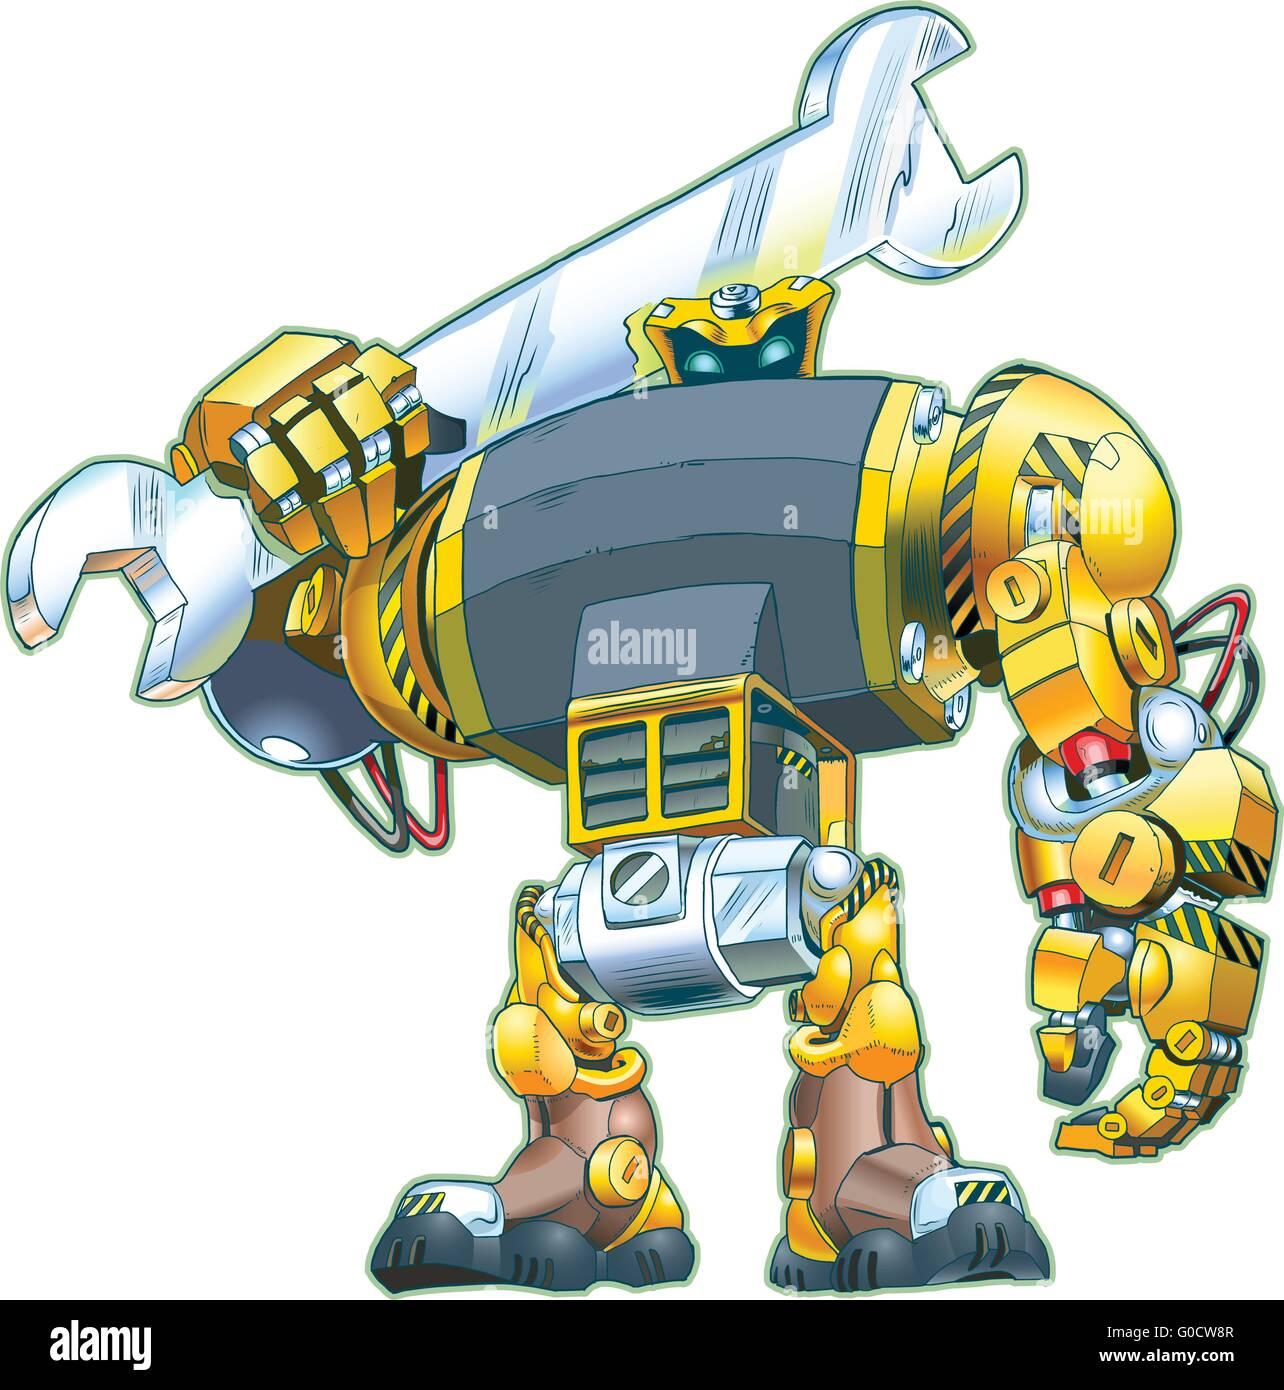 Un vettore cartoon di un gigante di duro-robot cercando in possesso di una chiave sulla sua spalla. Ottimo per la Immagini Stock